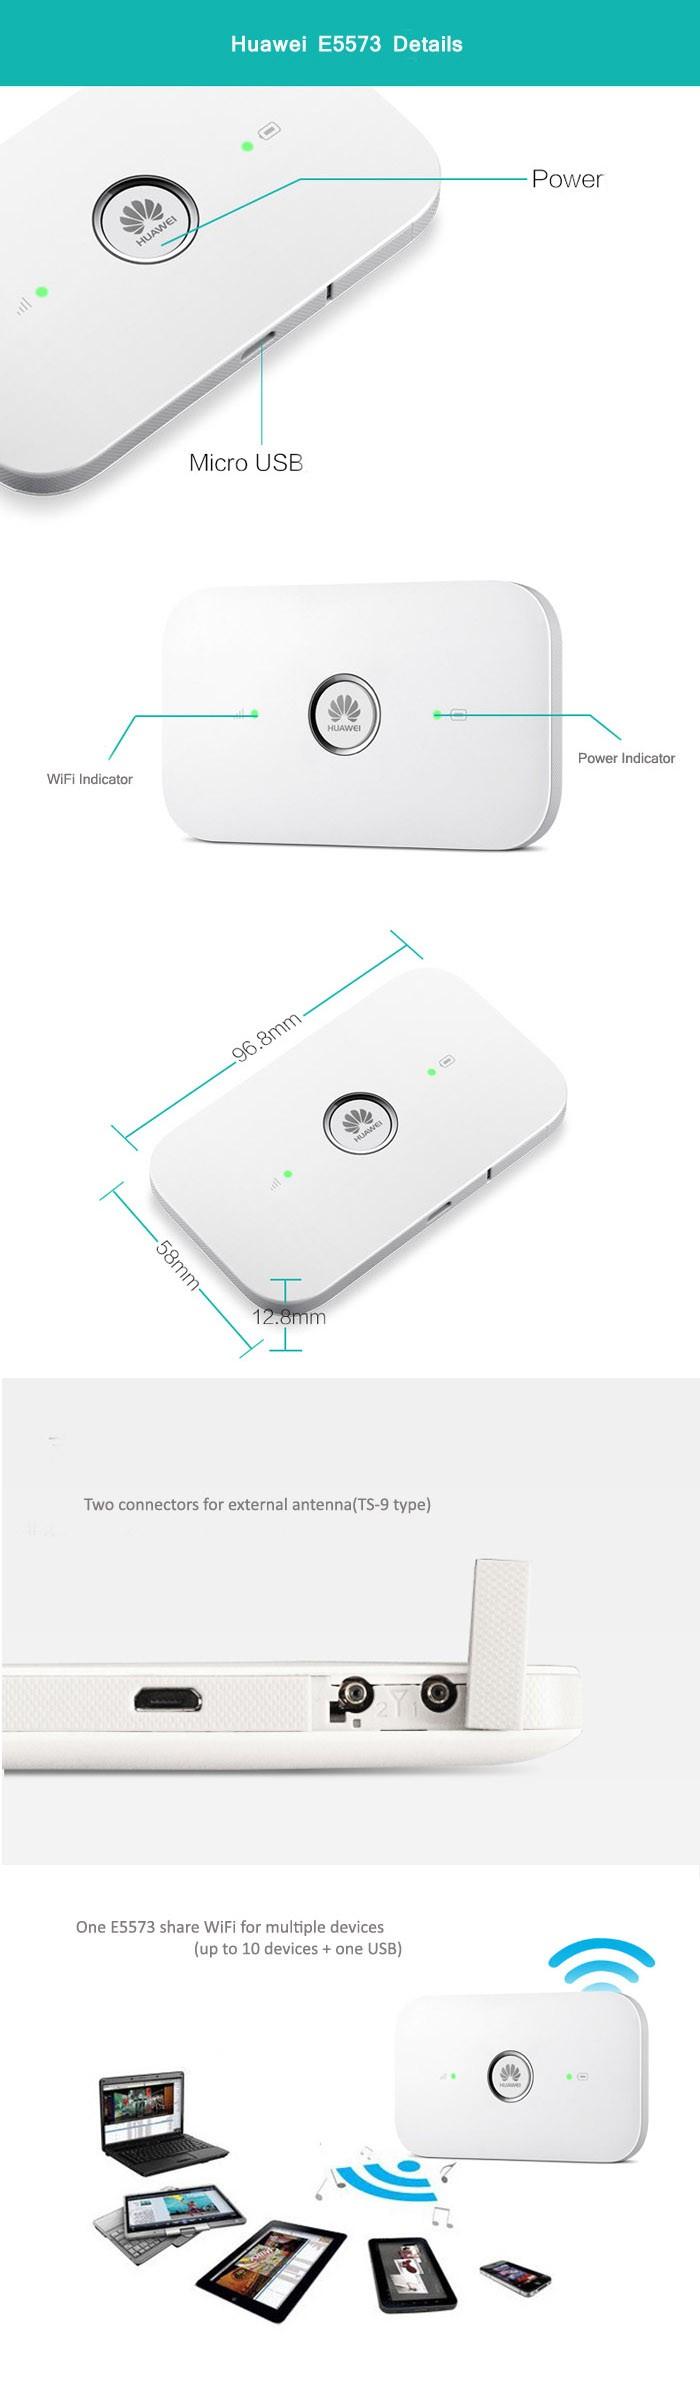 Huawei_E5573_details